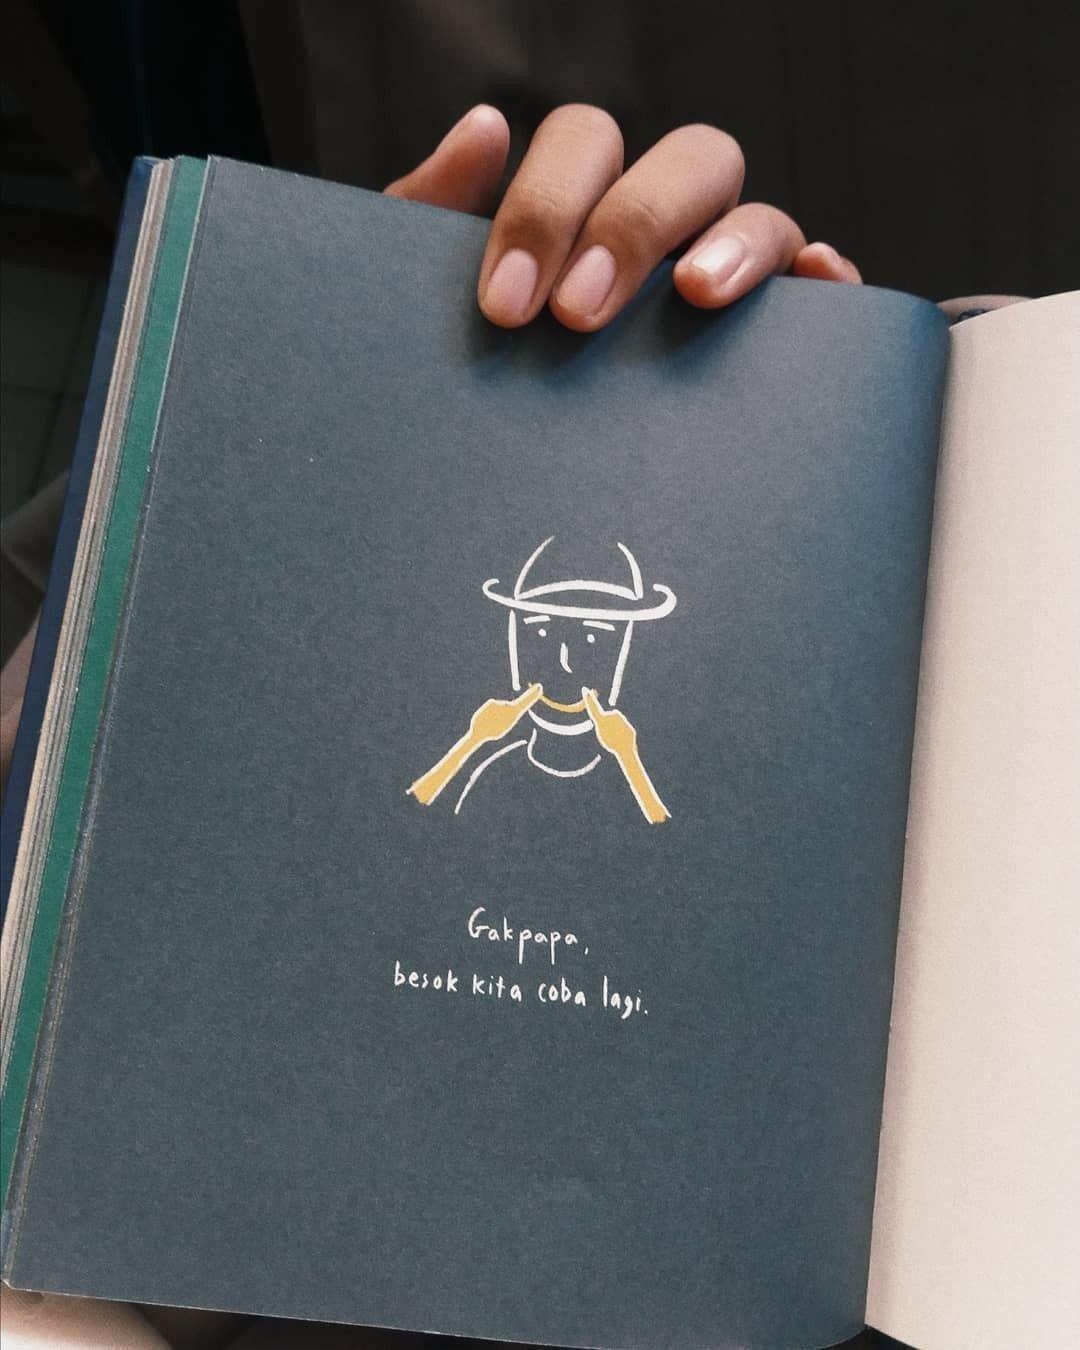 gambar romantis saat hujan (Dengan gambar) Kutipan buku